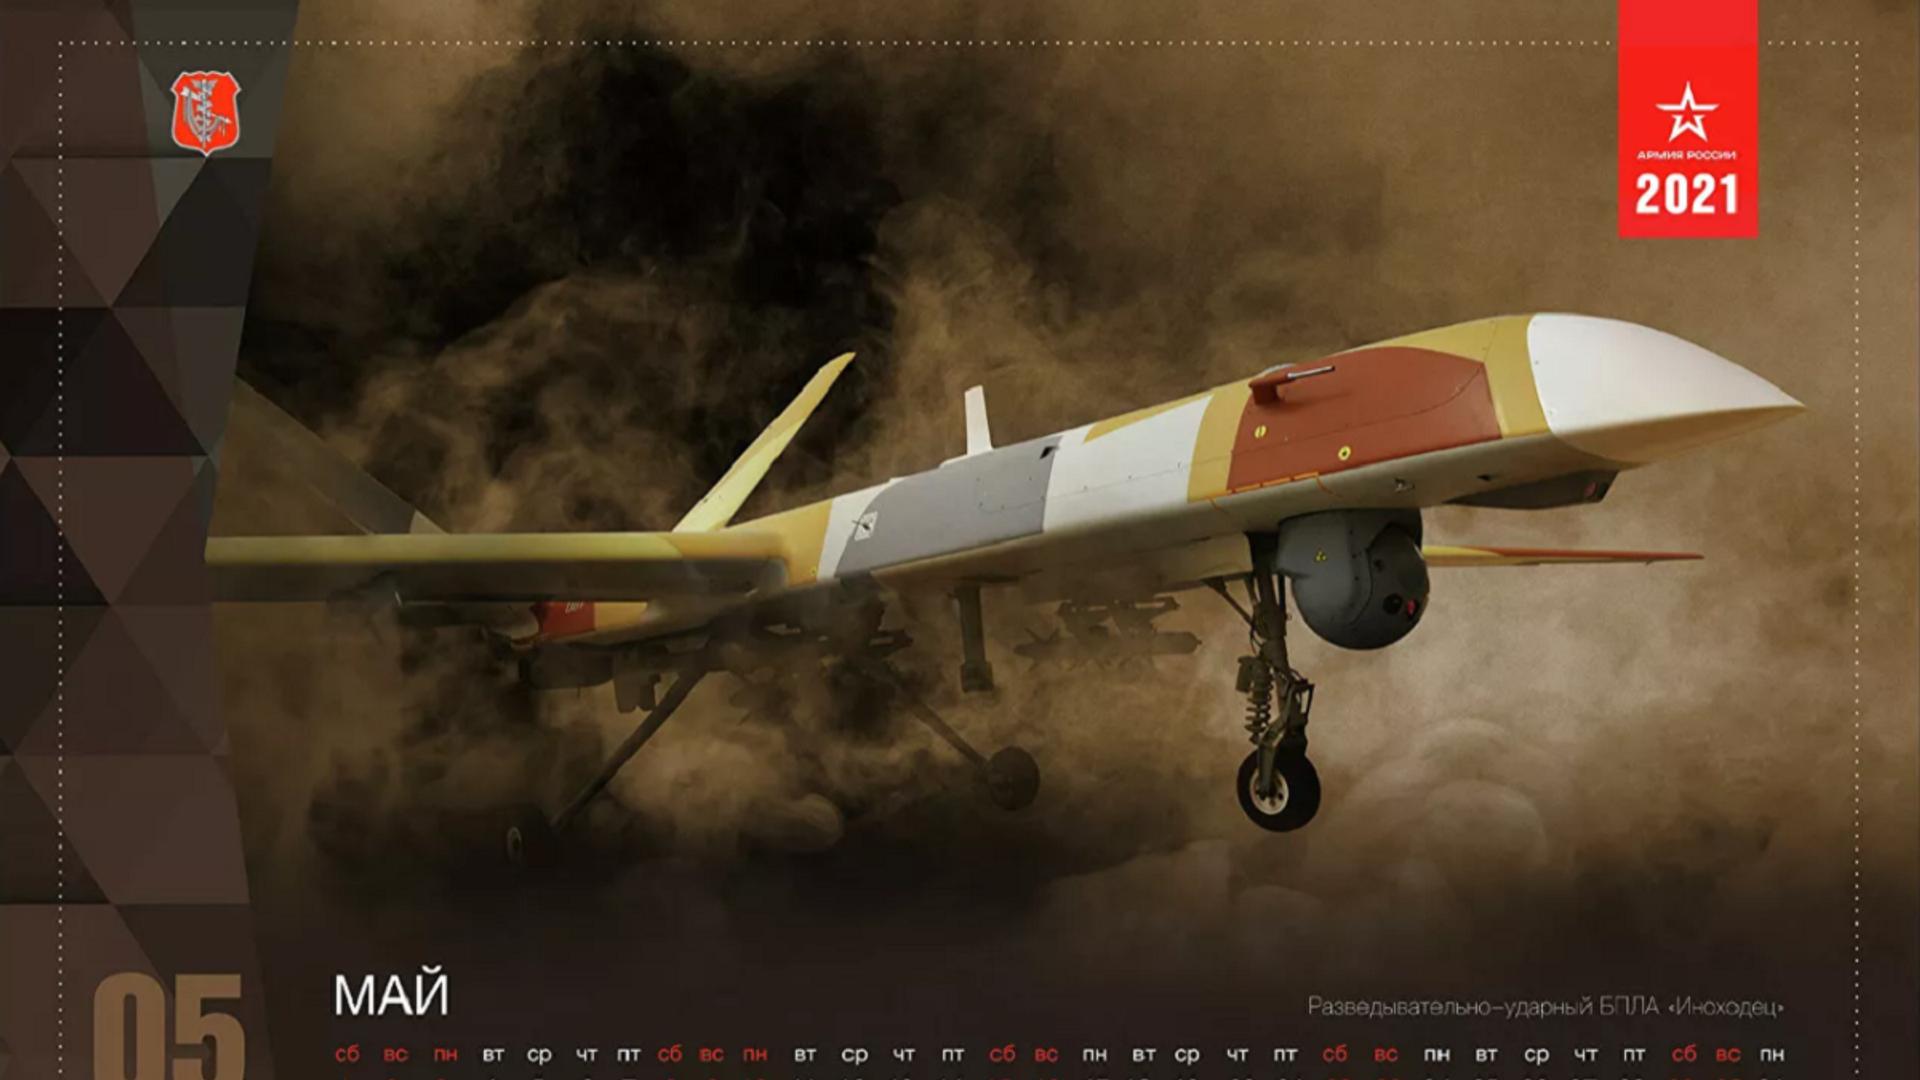 Il drone da combattimento russo Orion - Sputnik Italia, 1920, 18.04.2021